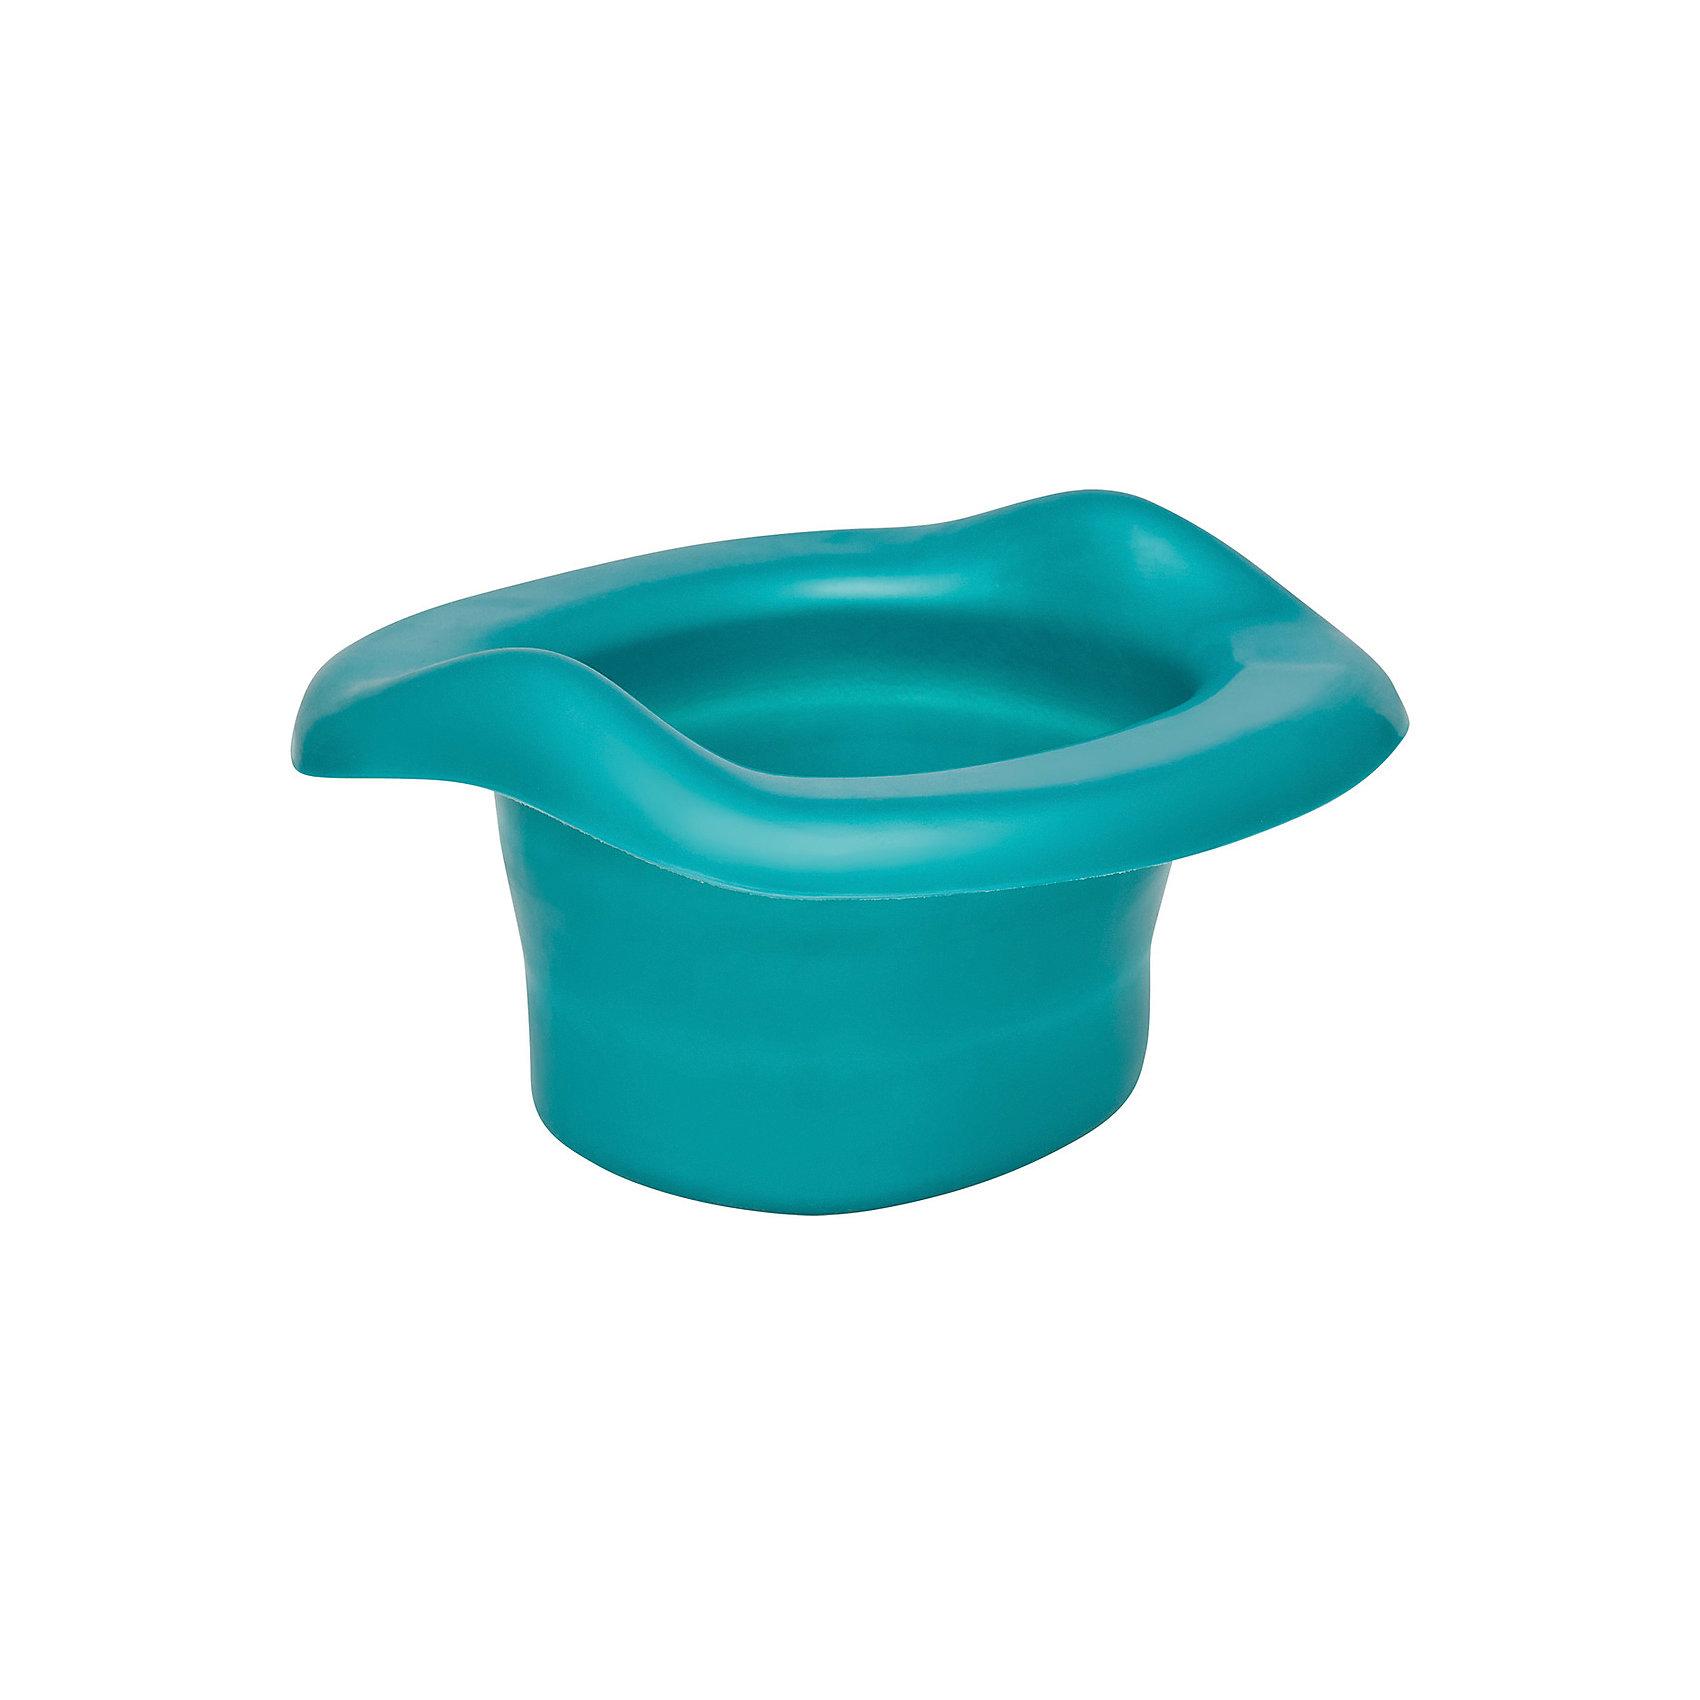 Универсальная вкладка для дорожных горшковю, Roxy-Kids, зеленый перламутрХарактеристика: <br><br>-Возраст: от 12 месяцев. ( до 25 кг.)<br>- Материал: термоэластопласт.<br>- Цвет: зеленый перламутр.<br><br>Прекрасная вкладка для дорожных горшков, ее удобно брать в дорогу и использовать в любом помещении как альтернативу сменным пакетам. Устанавливается вкладка быстро и просто - поверх сиденья любого дорожного горшка. Вкладка достаточно глубокая и широкая, чтобы обеспечить комфортную посадку. Легко вынимается и быстро моется.<br><br>Универсальную вкладку для дорожных горшков, от Roxy-Kids, можно купить в нашем магазине.<br><br>Ширина мм: 236<br>Глубина мм: 220<br>Высота мм: 60<br>Вес г: 158<br>Возраст от месяцев: 12<br>Возраст до месяцев: 36<br>Пол: Унисекс<br>Возраст: Детский<br>SKU: 5111442